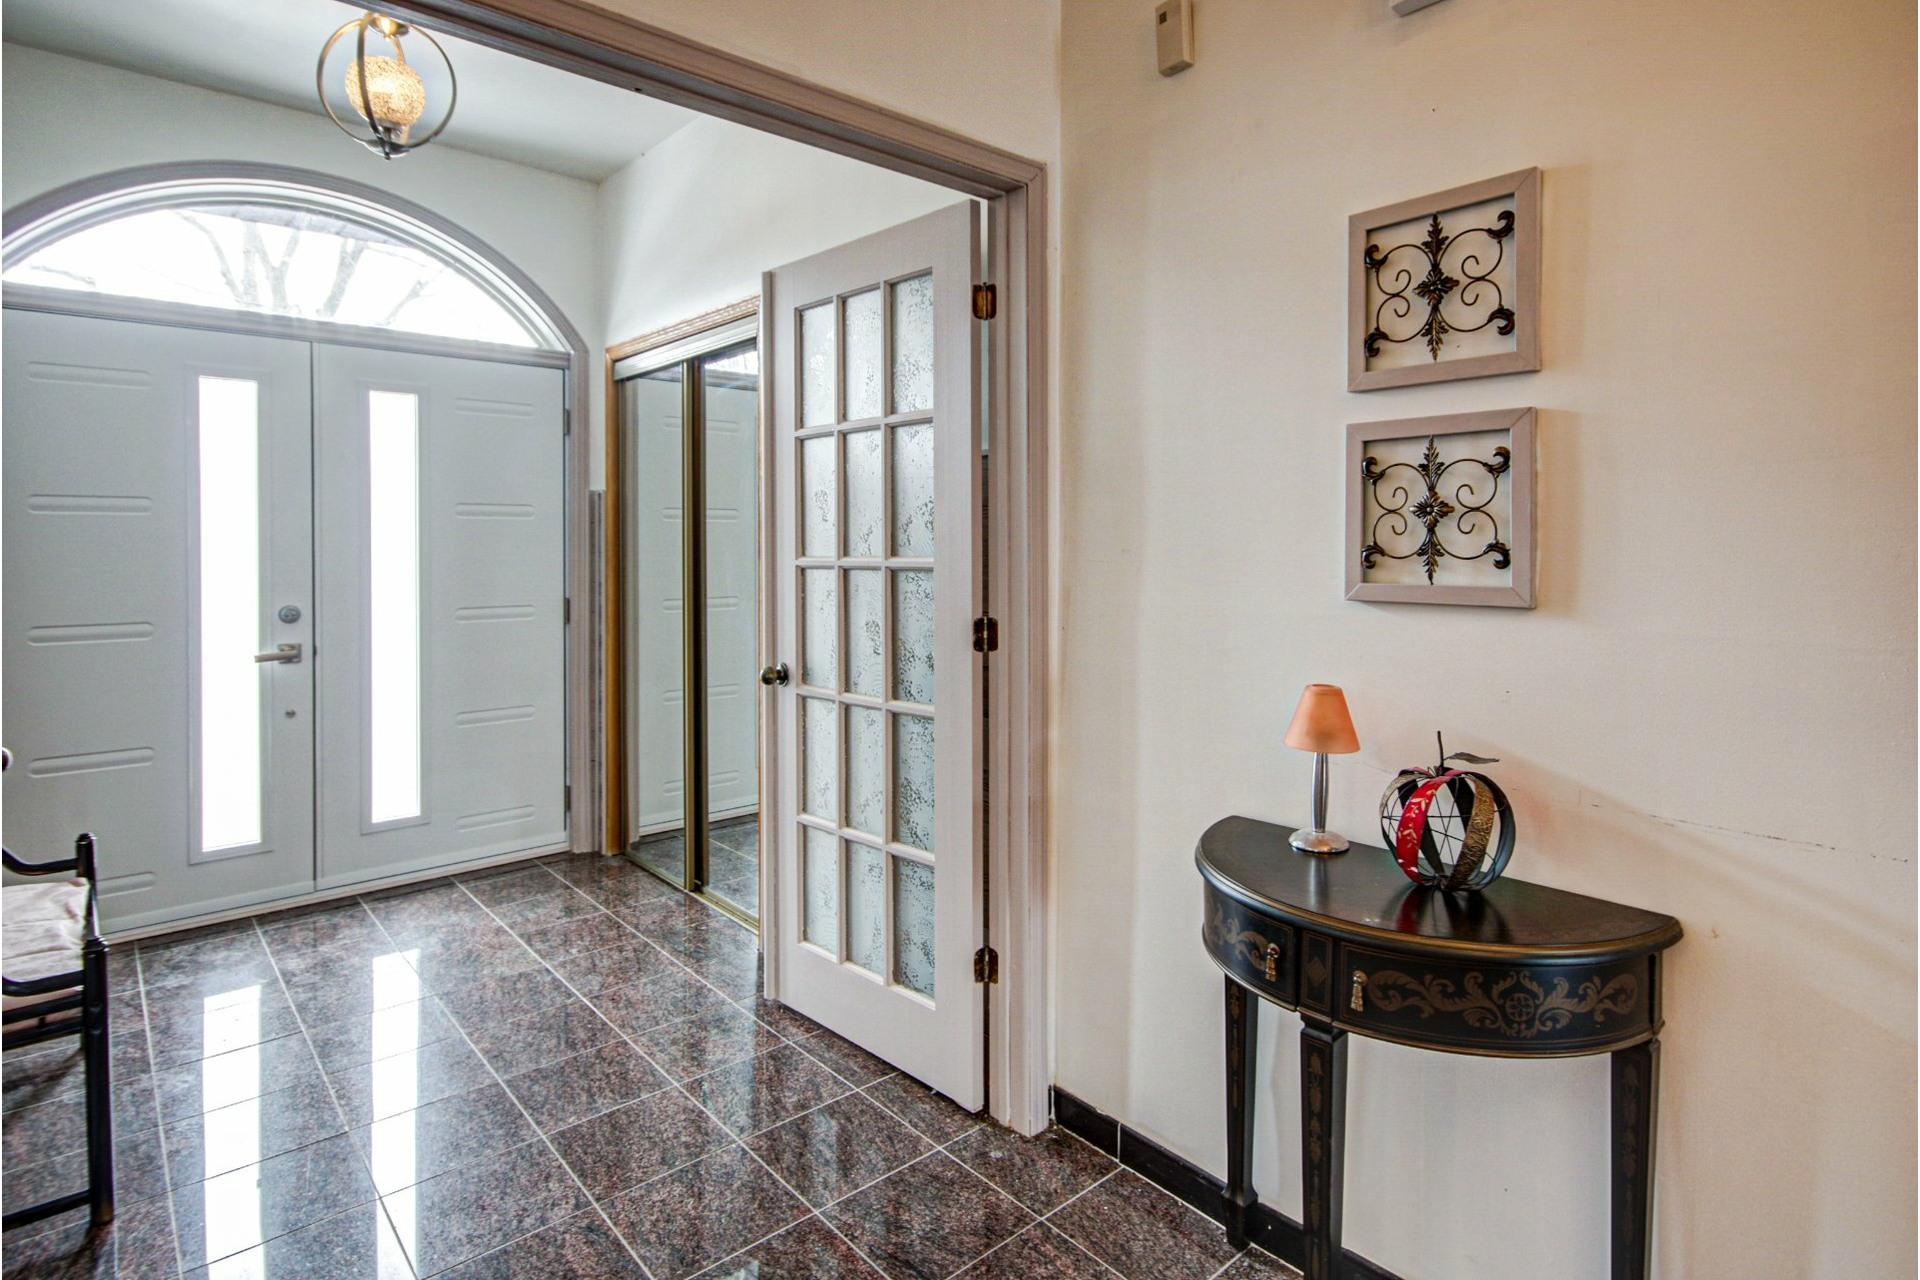 image 3 - Maison À vendre Côte-des-Neiges/Notre-Dame-de-Grâce Montréal